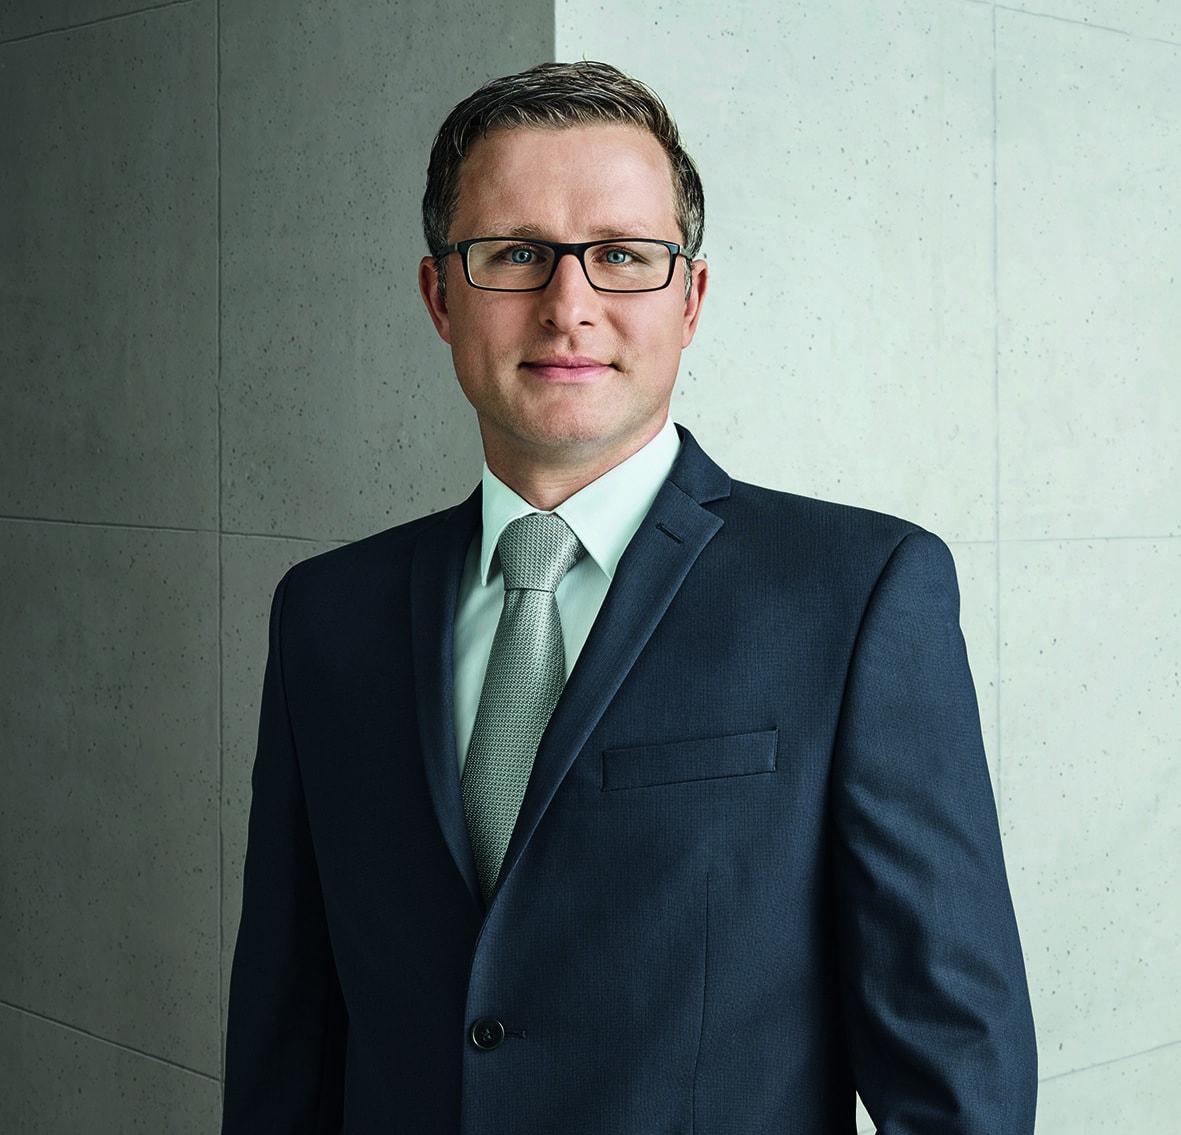 Stefan Breintner, DJE Kapital AG